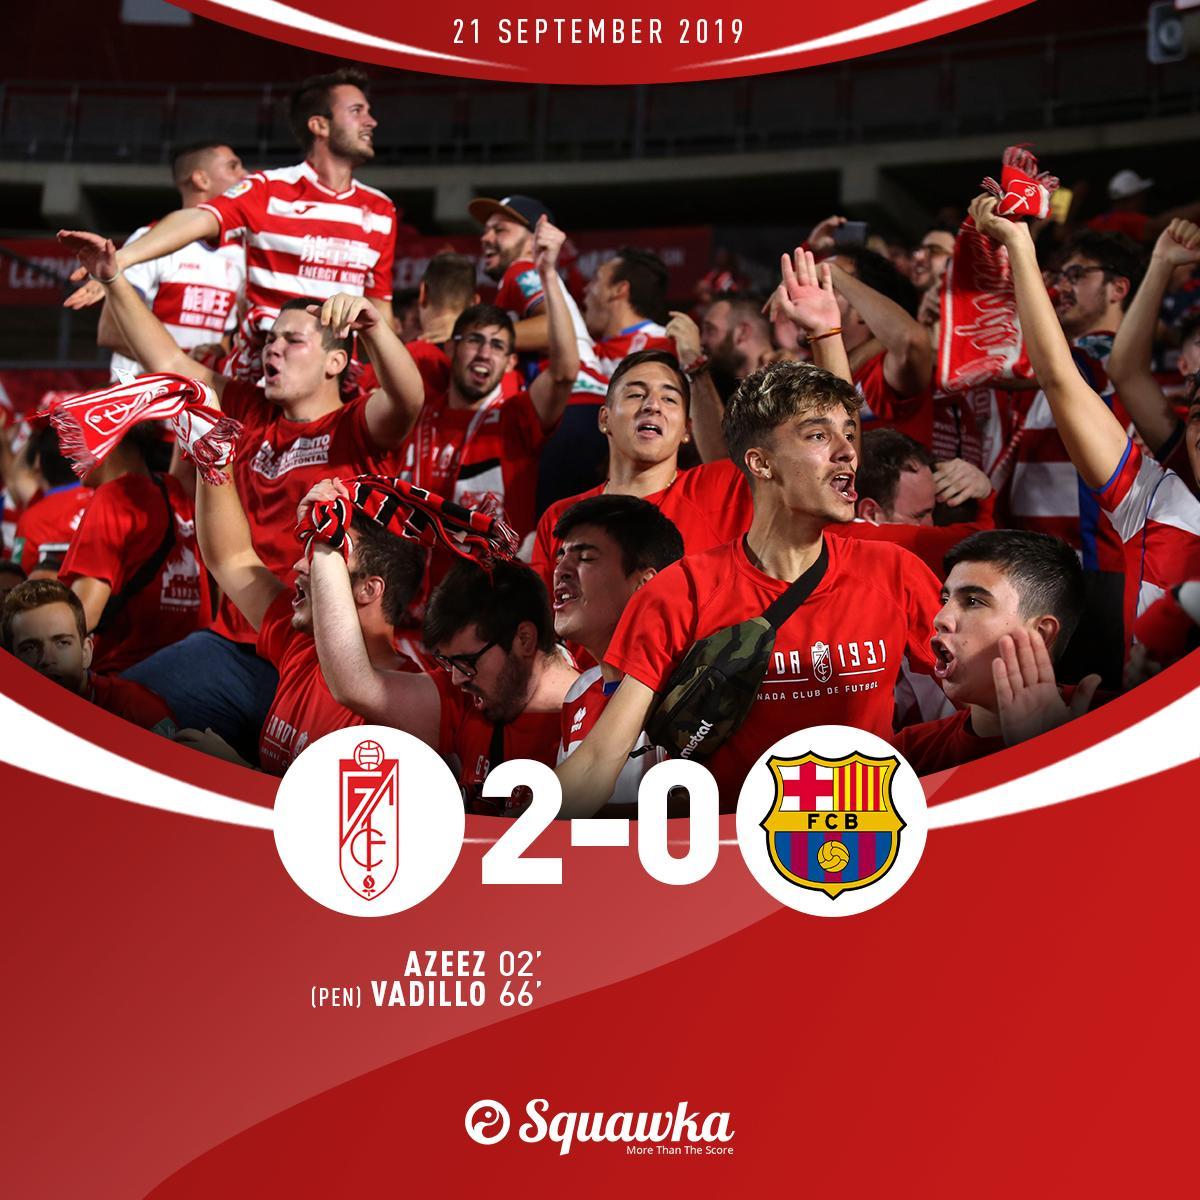 格拉纳达2-0巴萨,暂时登顶西甲联赛第一!